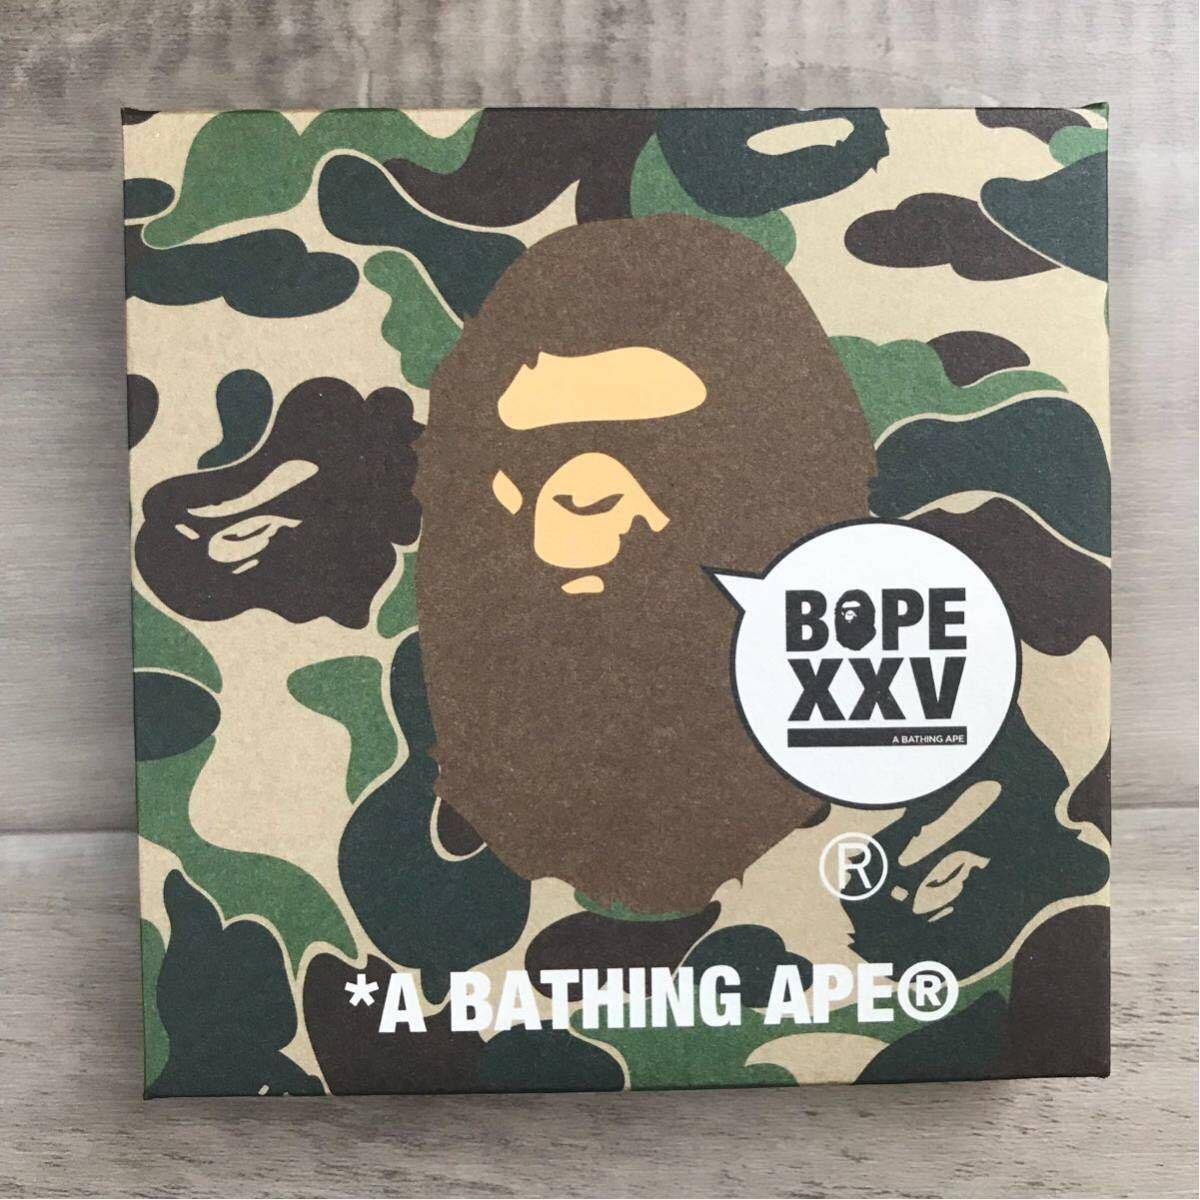 ★非売品★ 25th レセプション ノベルティ XXV a bathing ape bape 25周年 エイプ ベイプ アベイシングエイプ コレクション ノベルティー